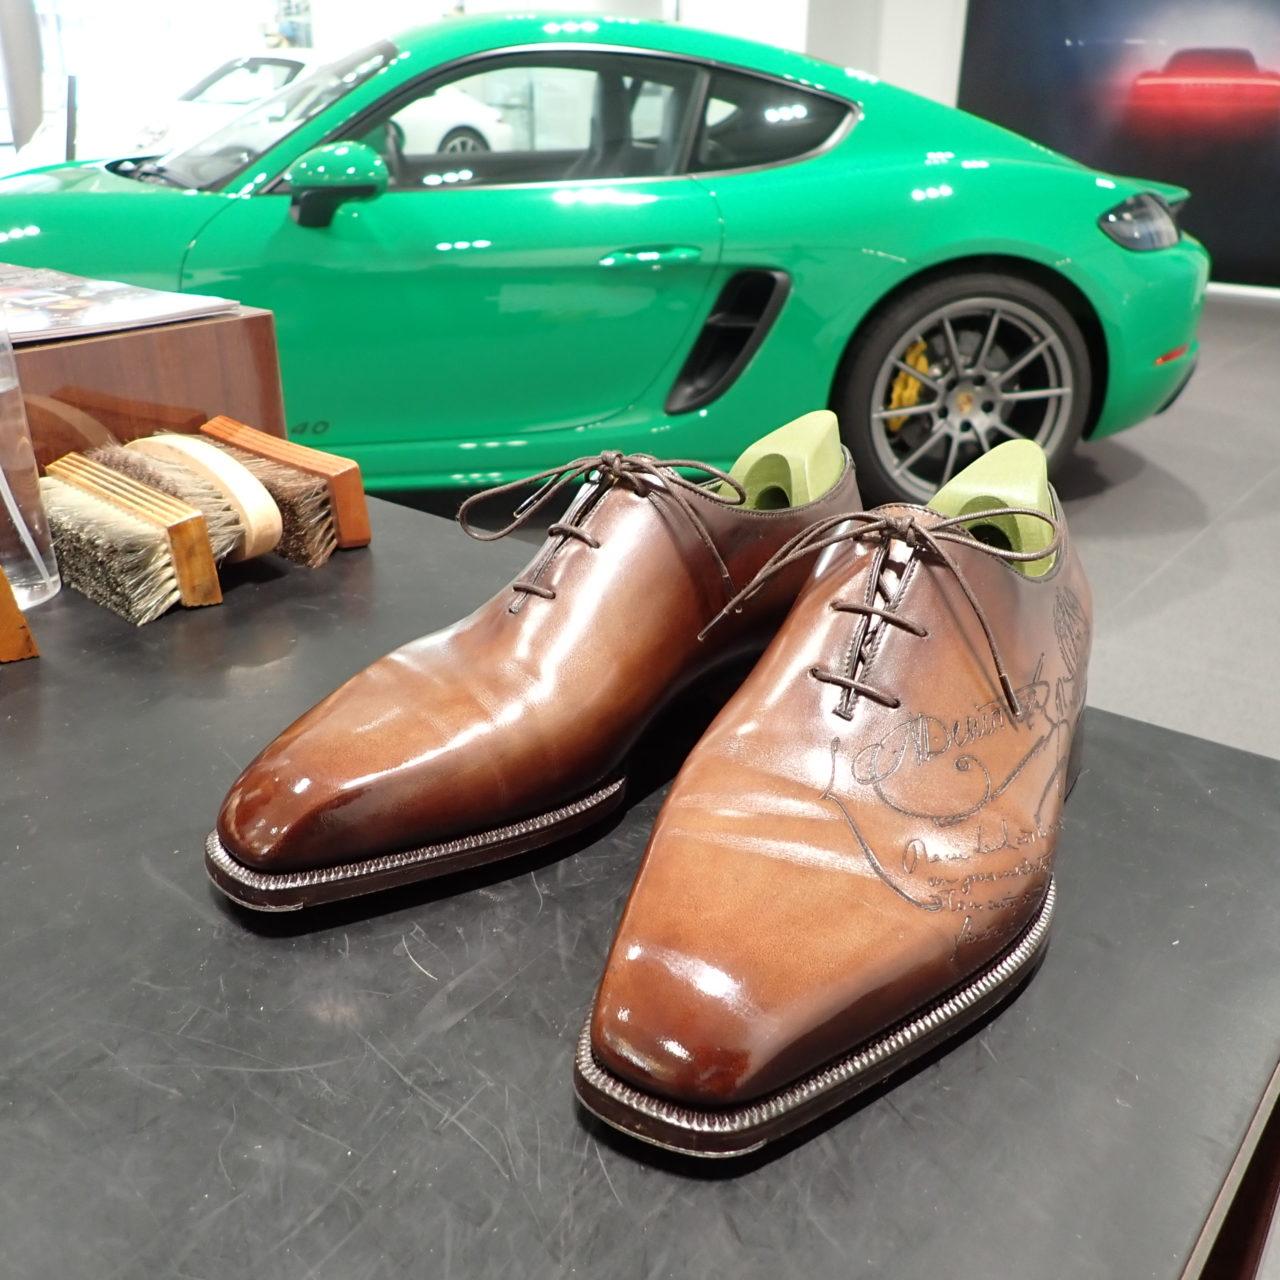 ポルシェセンター長久手様にて靴磨きイベントでした。